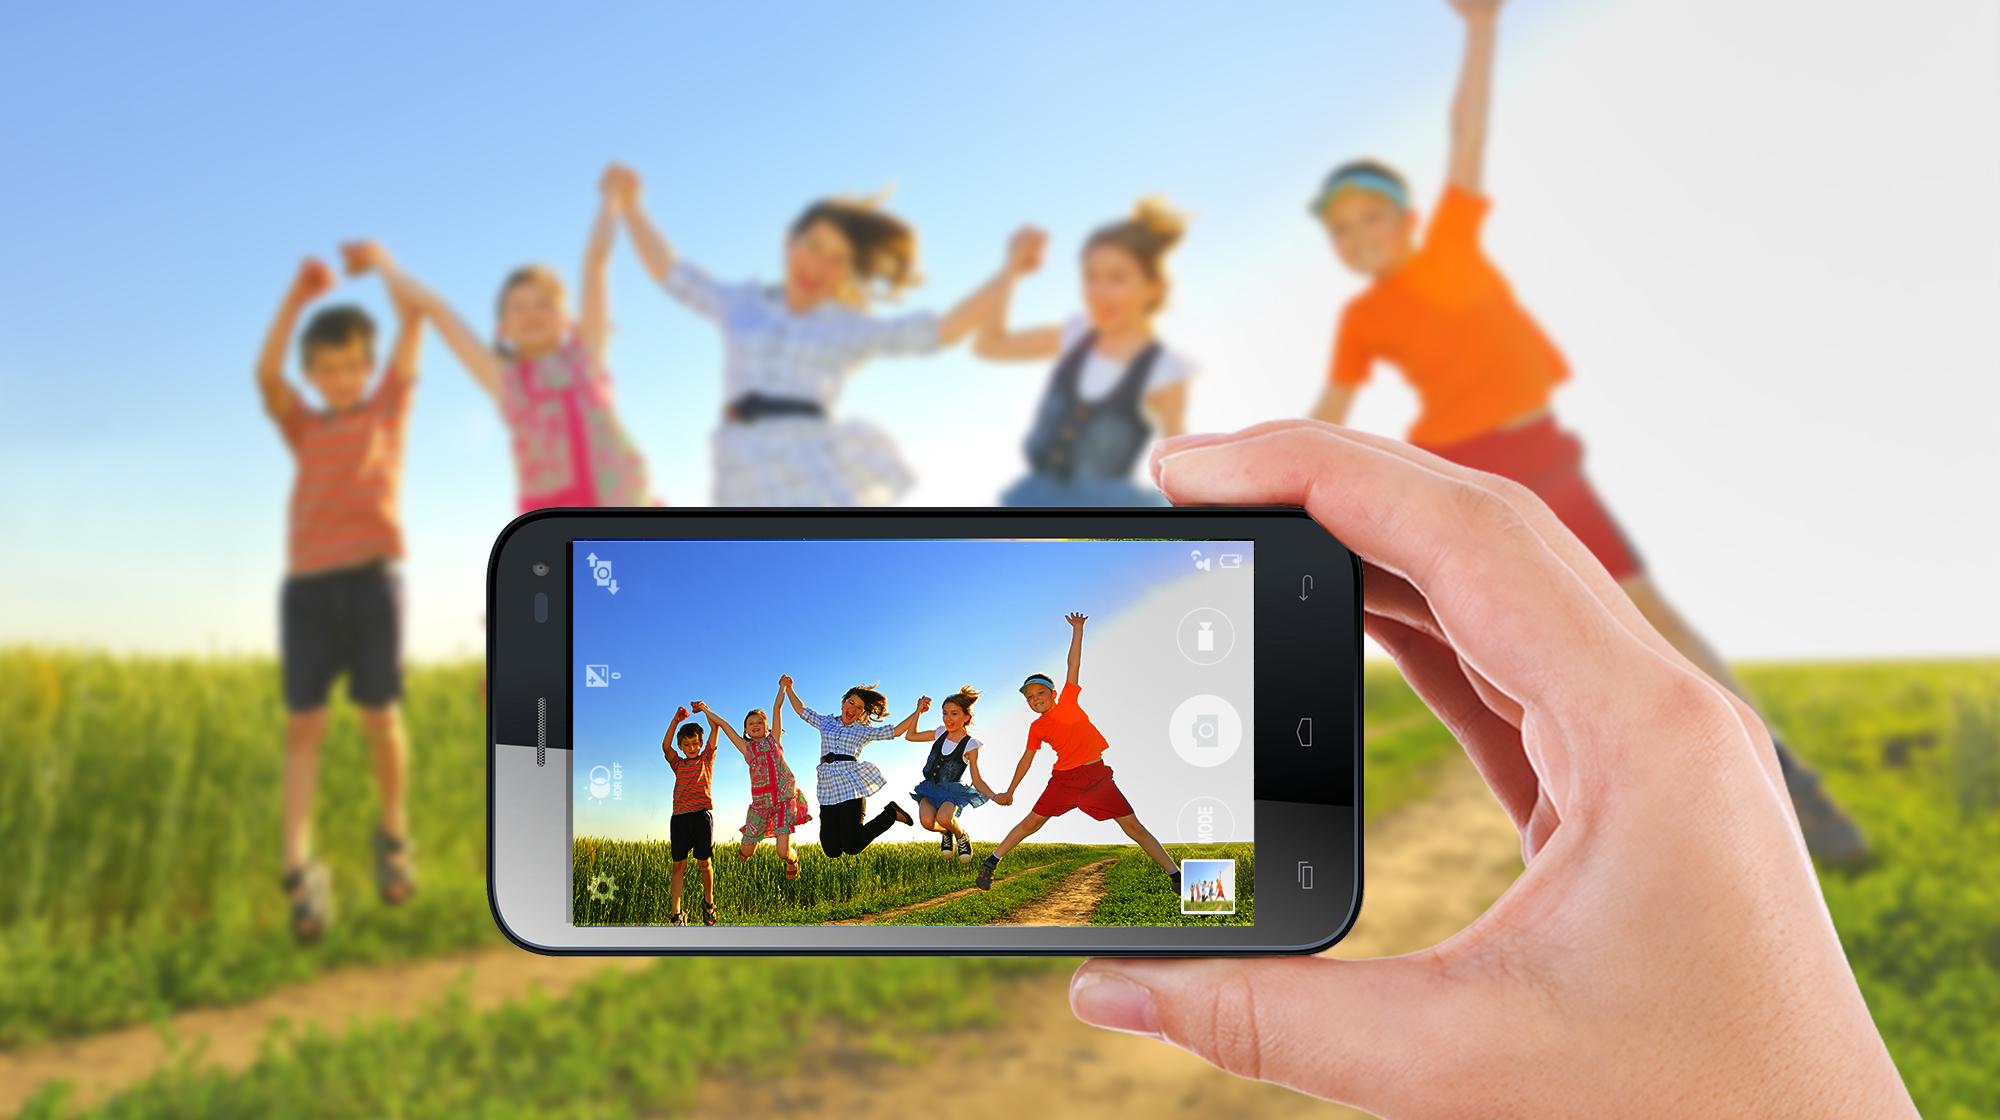 Profitez de fonctionnalités photo et vidéo avancées avec plus de simplicité. dbc727f3fd4